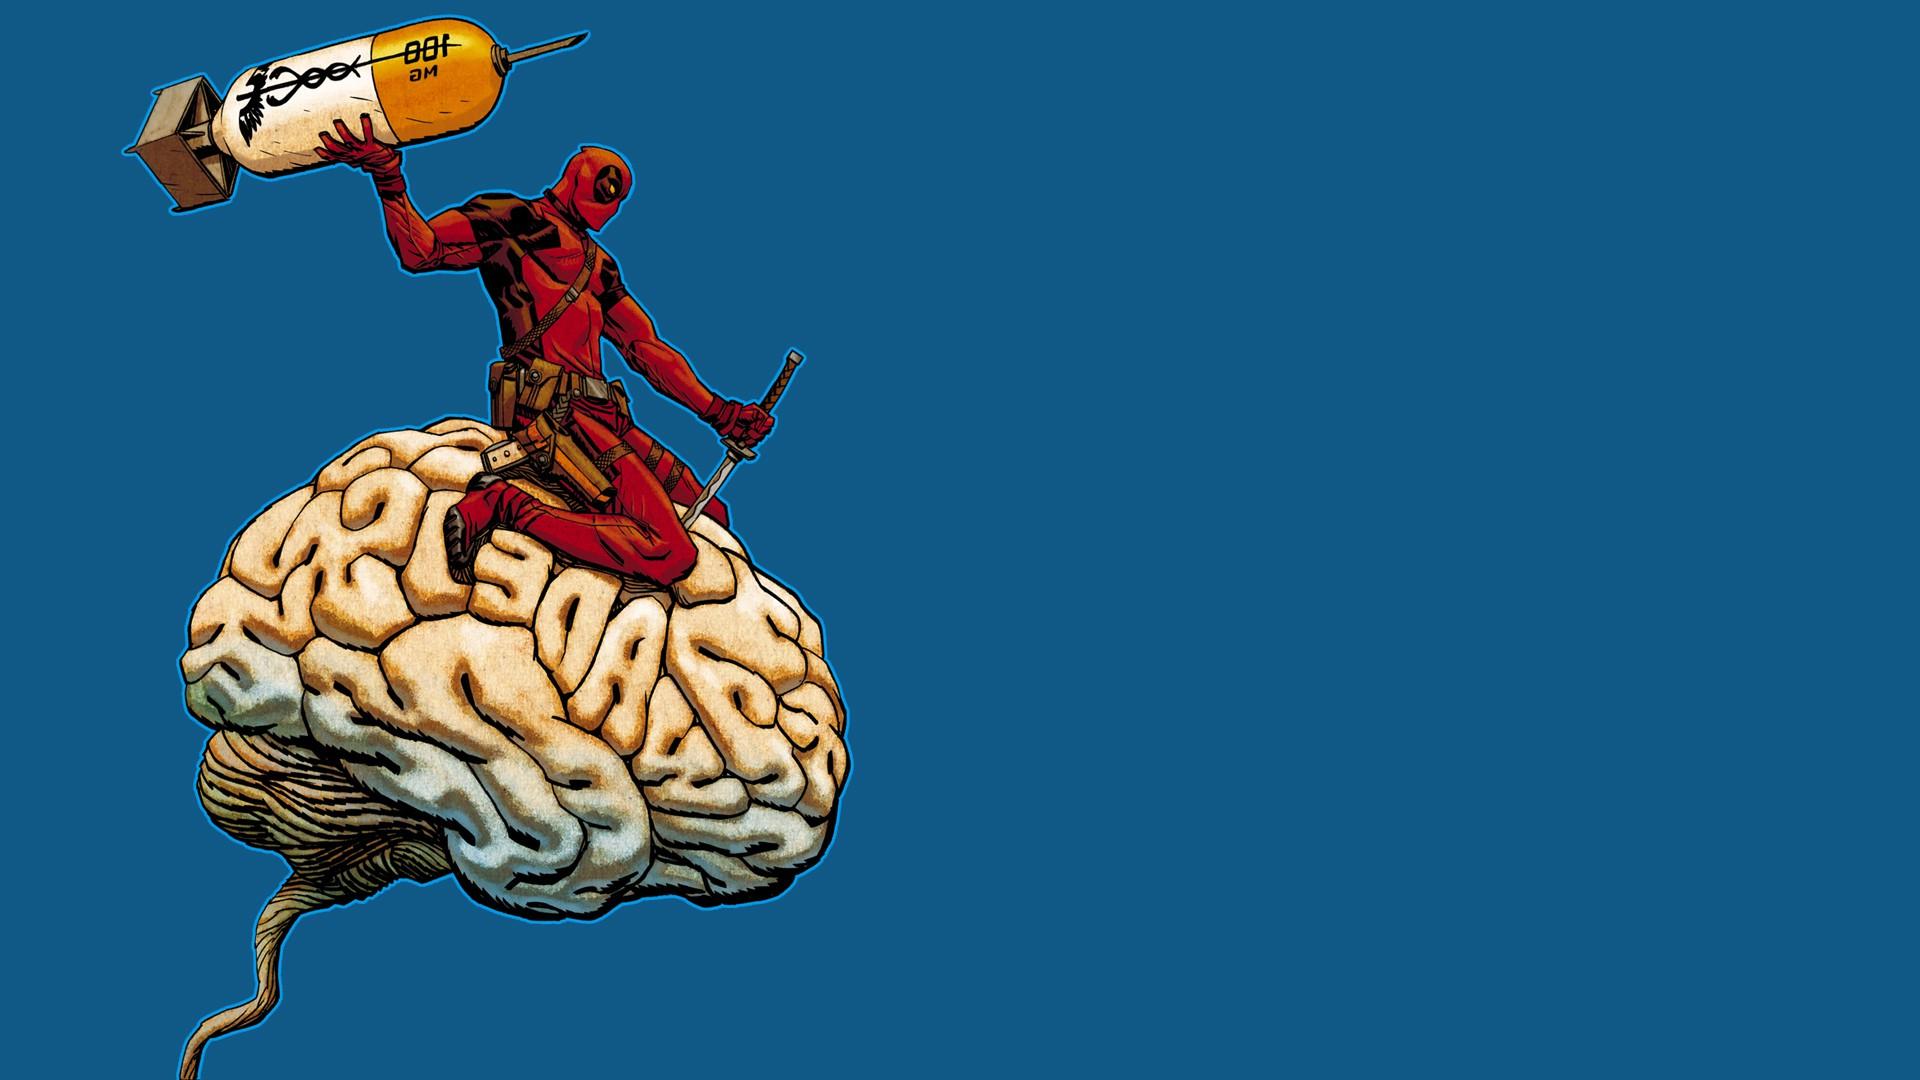 Wallpaper Illustration Brain Deadpool Comic Art Art 1920x1080 Px Computer Wallpaper Human Body Fictional Character Organ Organism Neurologist 1920x1080 Wallpaperup 781775 Hd Wallpapers Wallhere